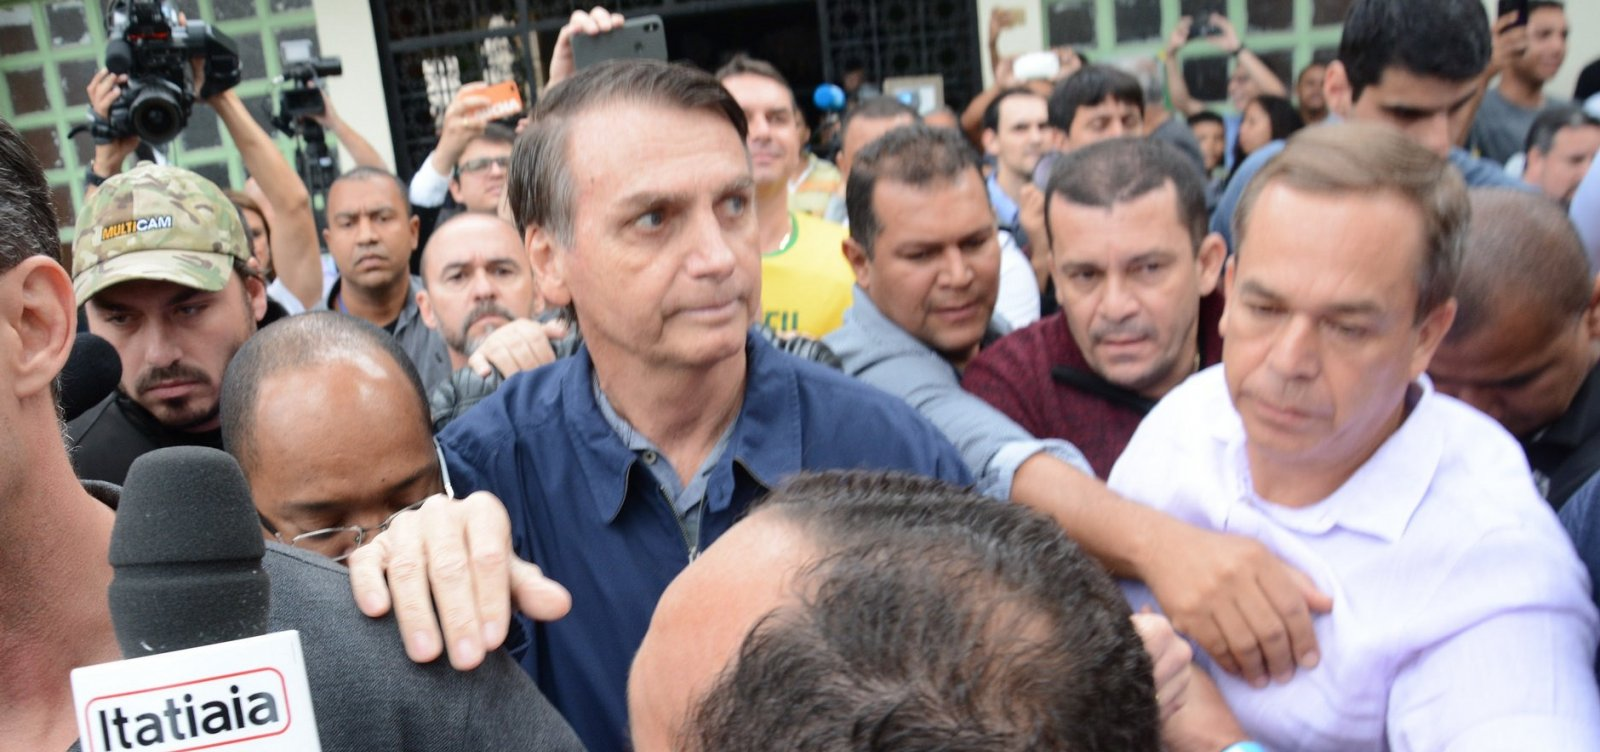 Desempenho de Bolsonaro na Bahia foi pior do que o de Aécio e Serra